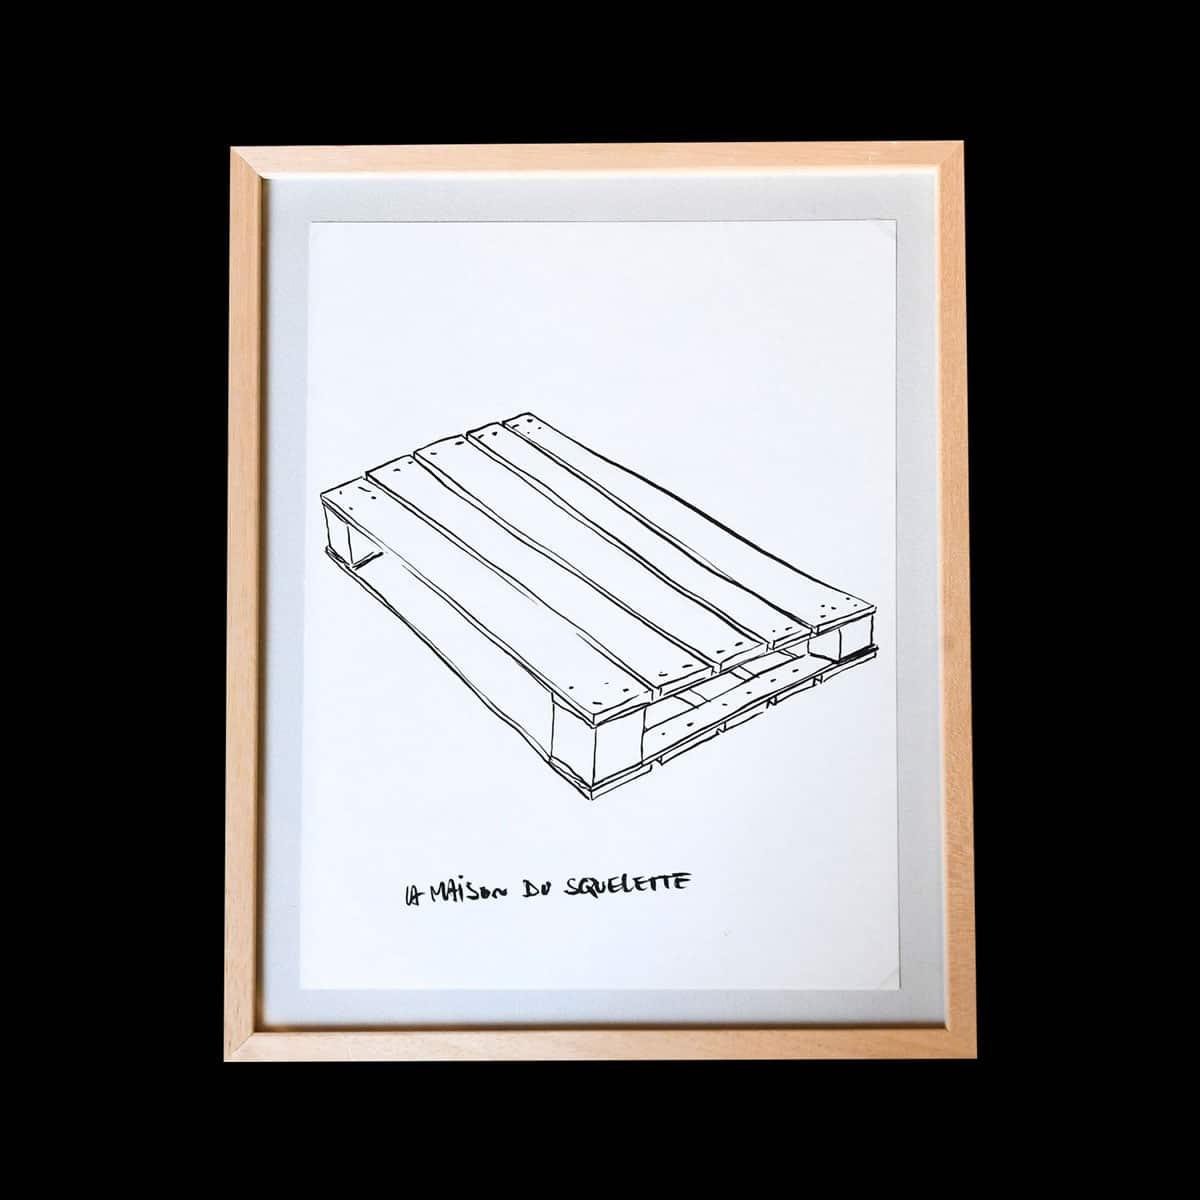 Simon Jacquard, Sans titre (palette), 2015. Dessin sur papier 36 x 27 cm